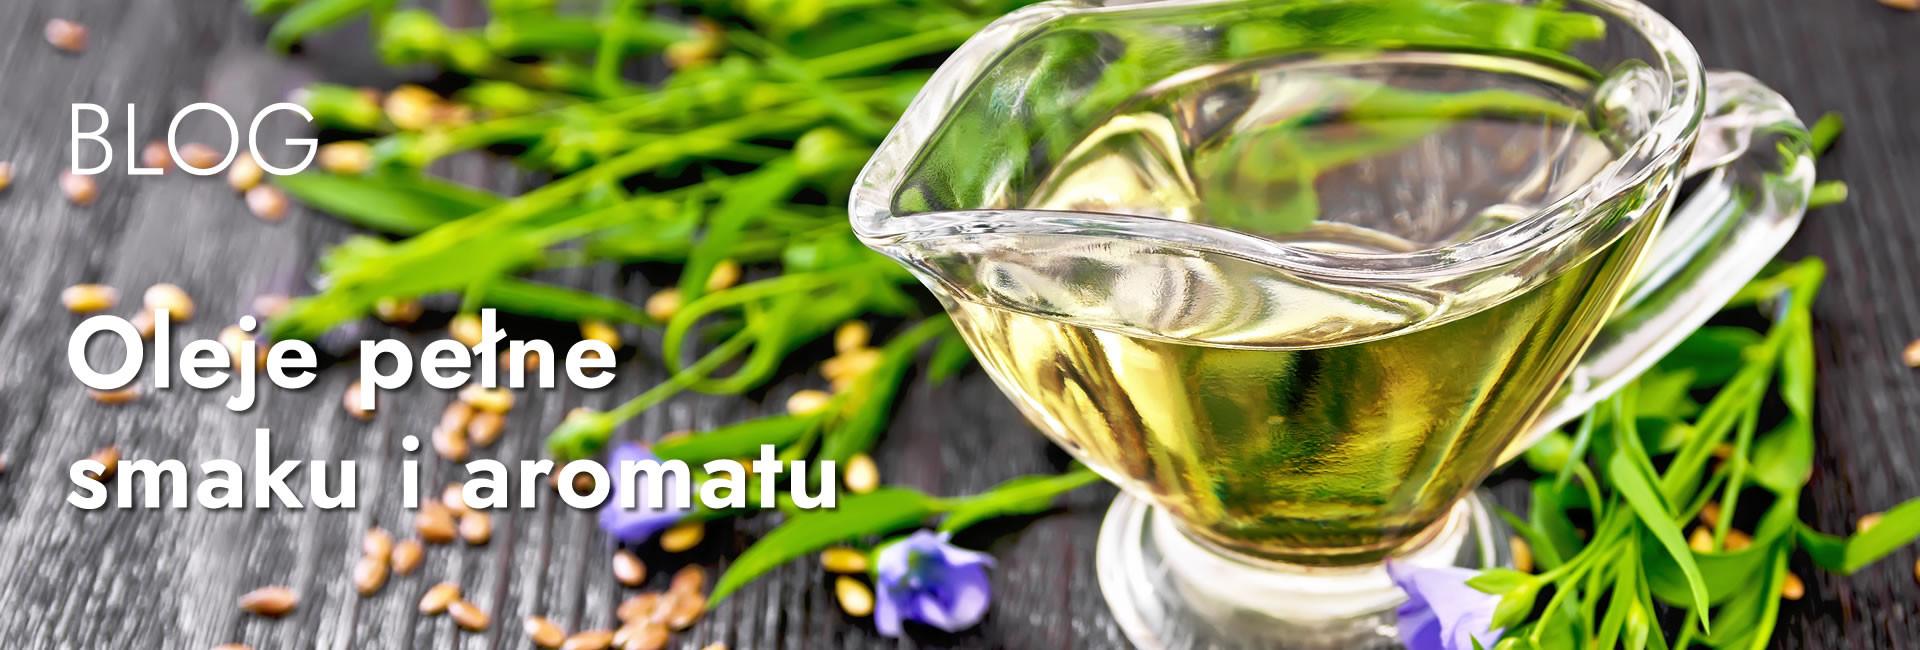 Oleje pełne smaku i aromatu